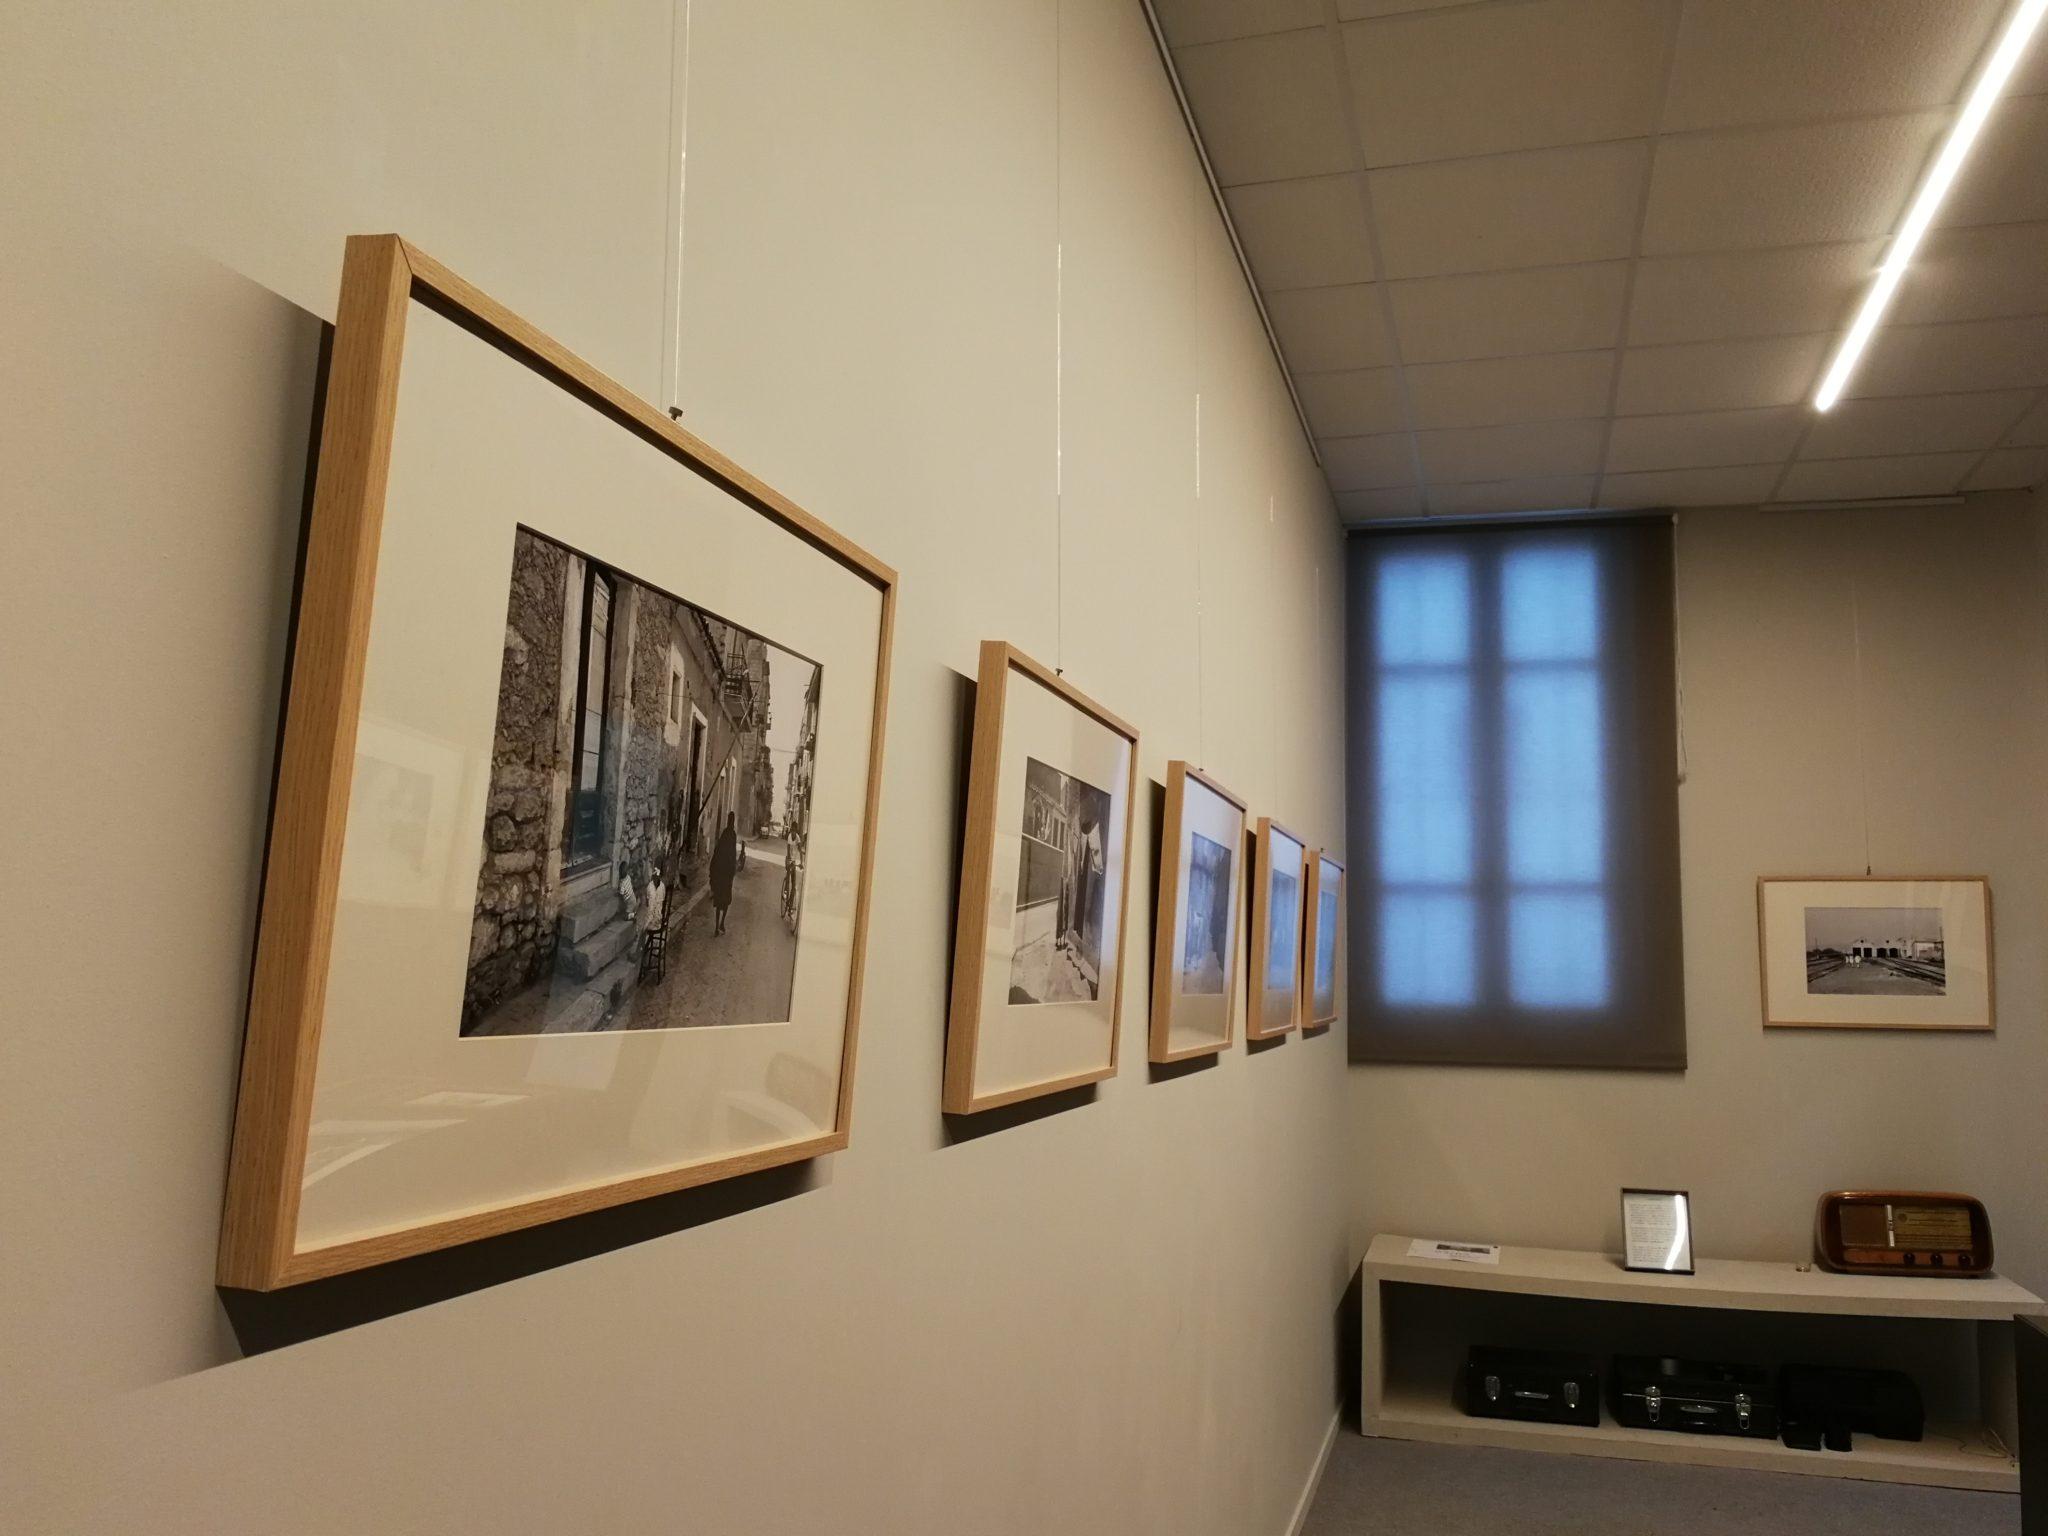 Una nuova galleria specializzata in mostre fotografiche, uno spazio dedicato al design e uno storico spaccio di prodotti alimentari. Tutto in una strada